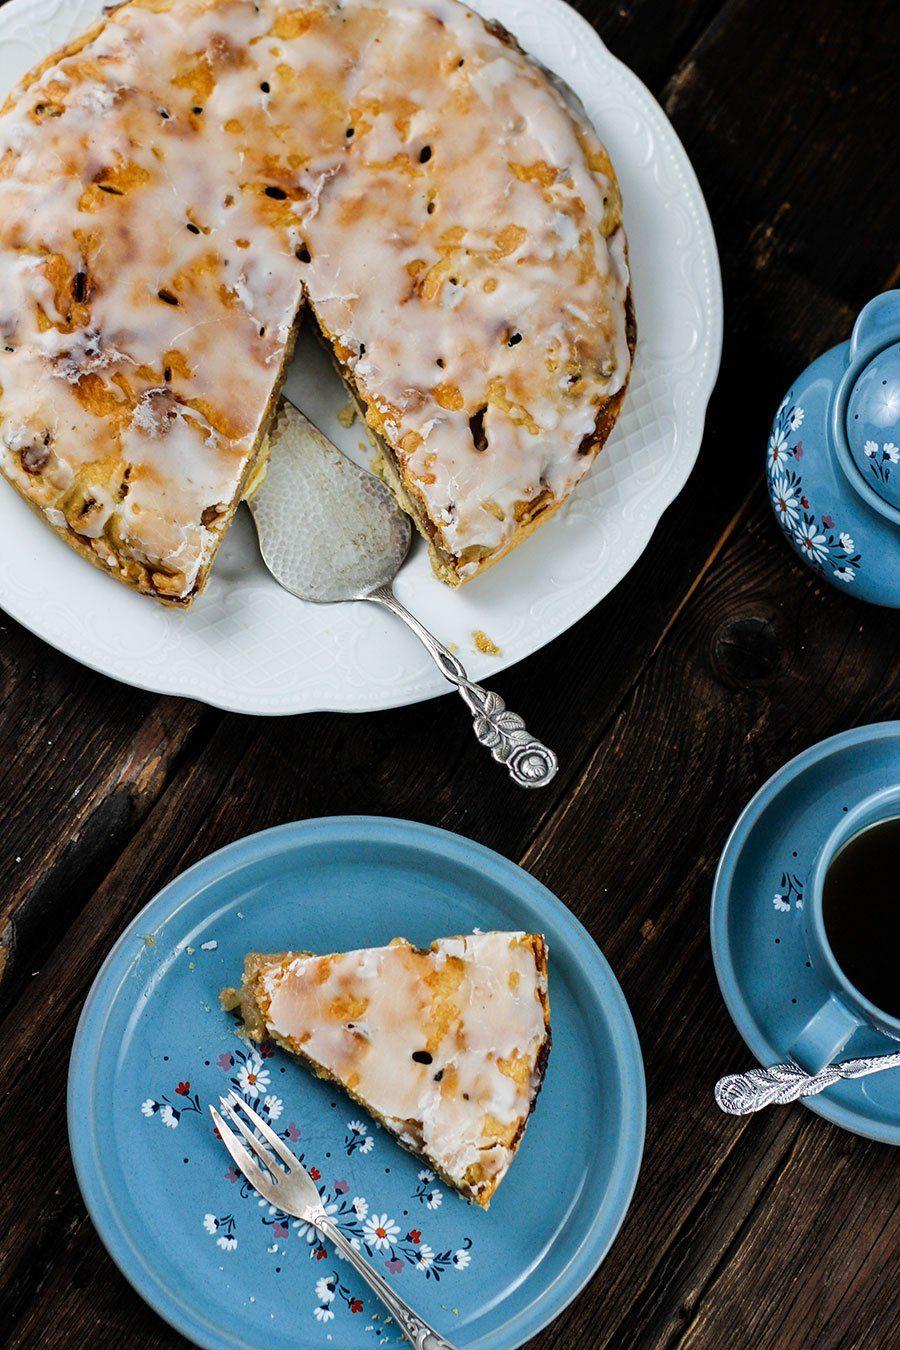 Danischer Apfelkuchen Rezept Backen Mit Apfeln Die Kuche Brennt